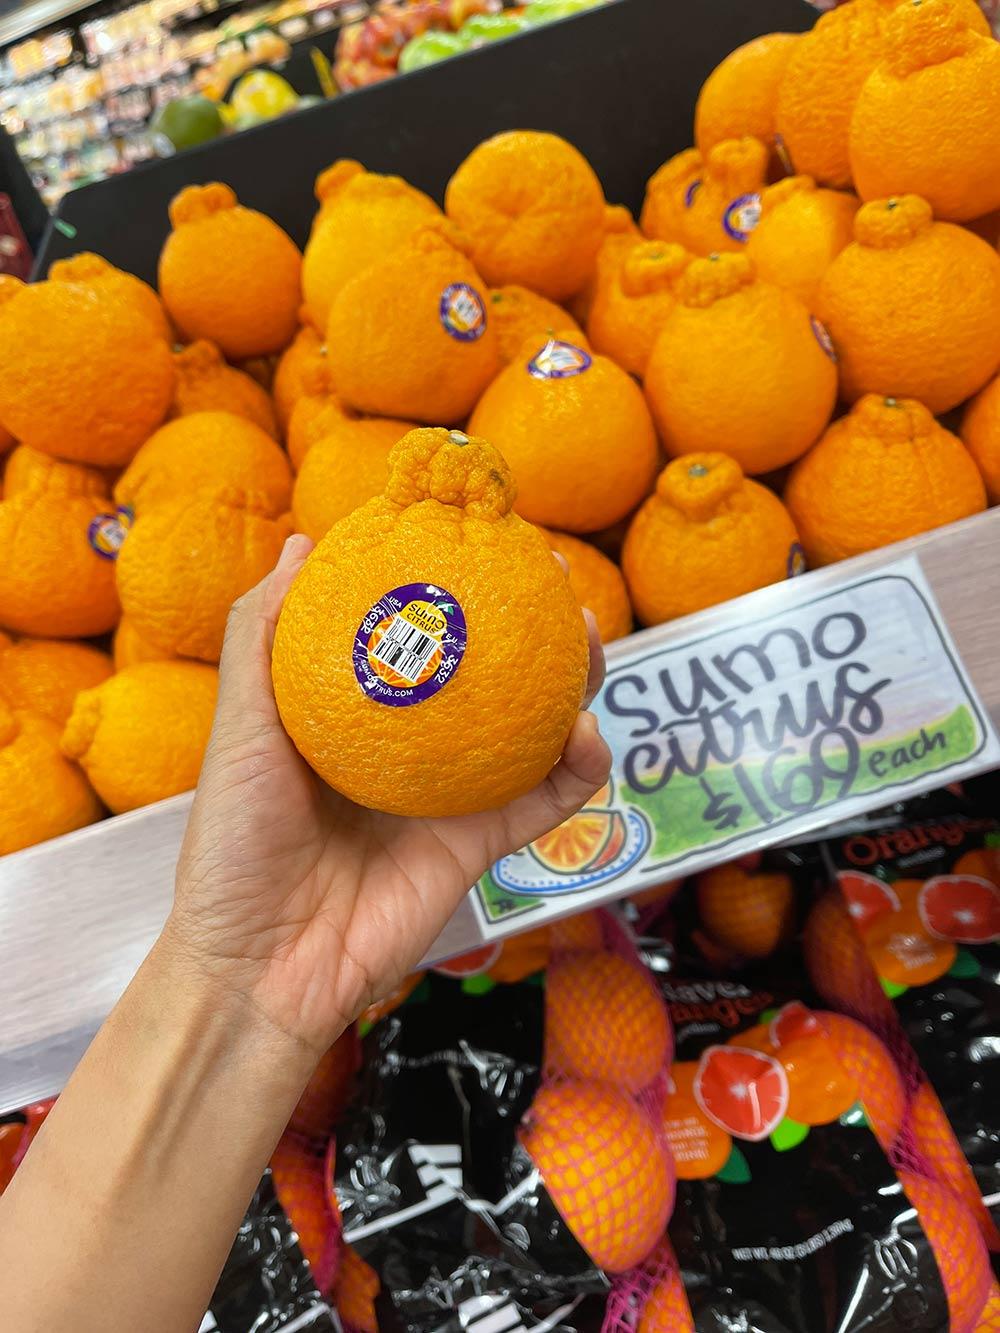 sumo citrus in hand